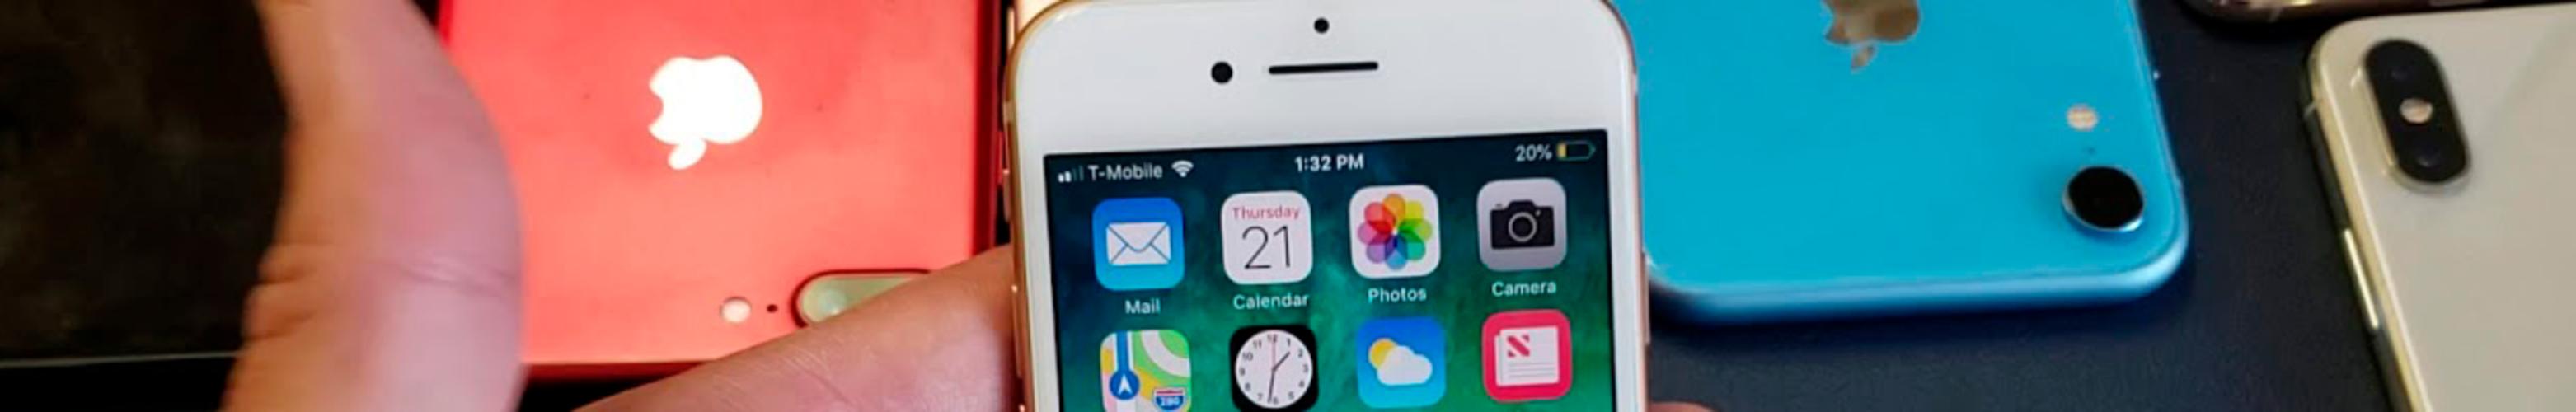 Как отключить автоблокировку на iPhone?